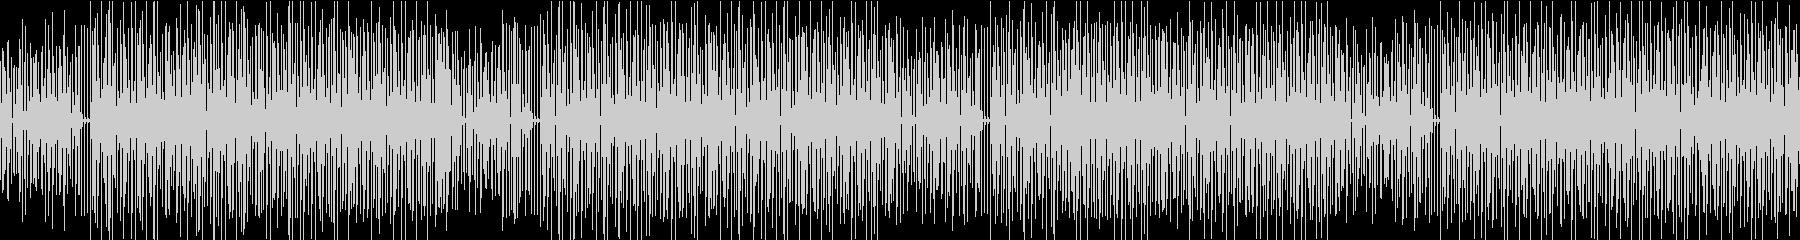 優しいウクレレ・まったり生配信ループの未再生の波形